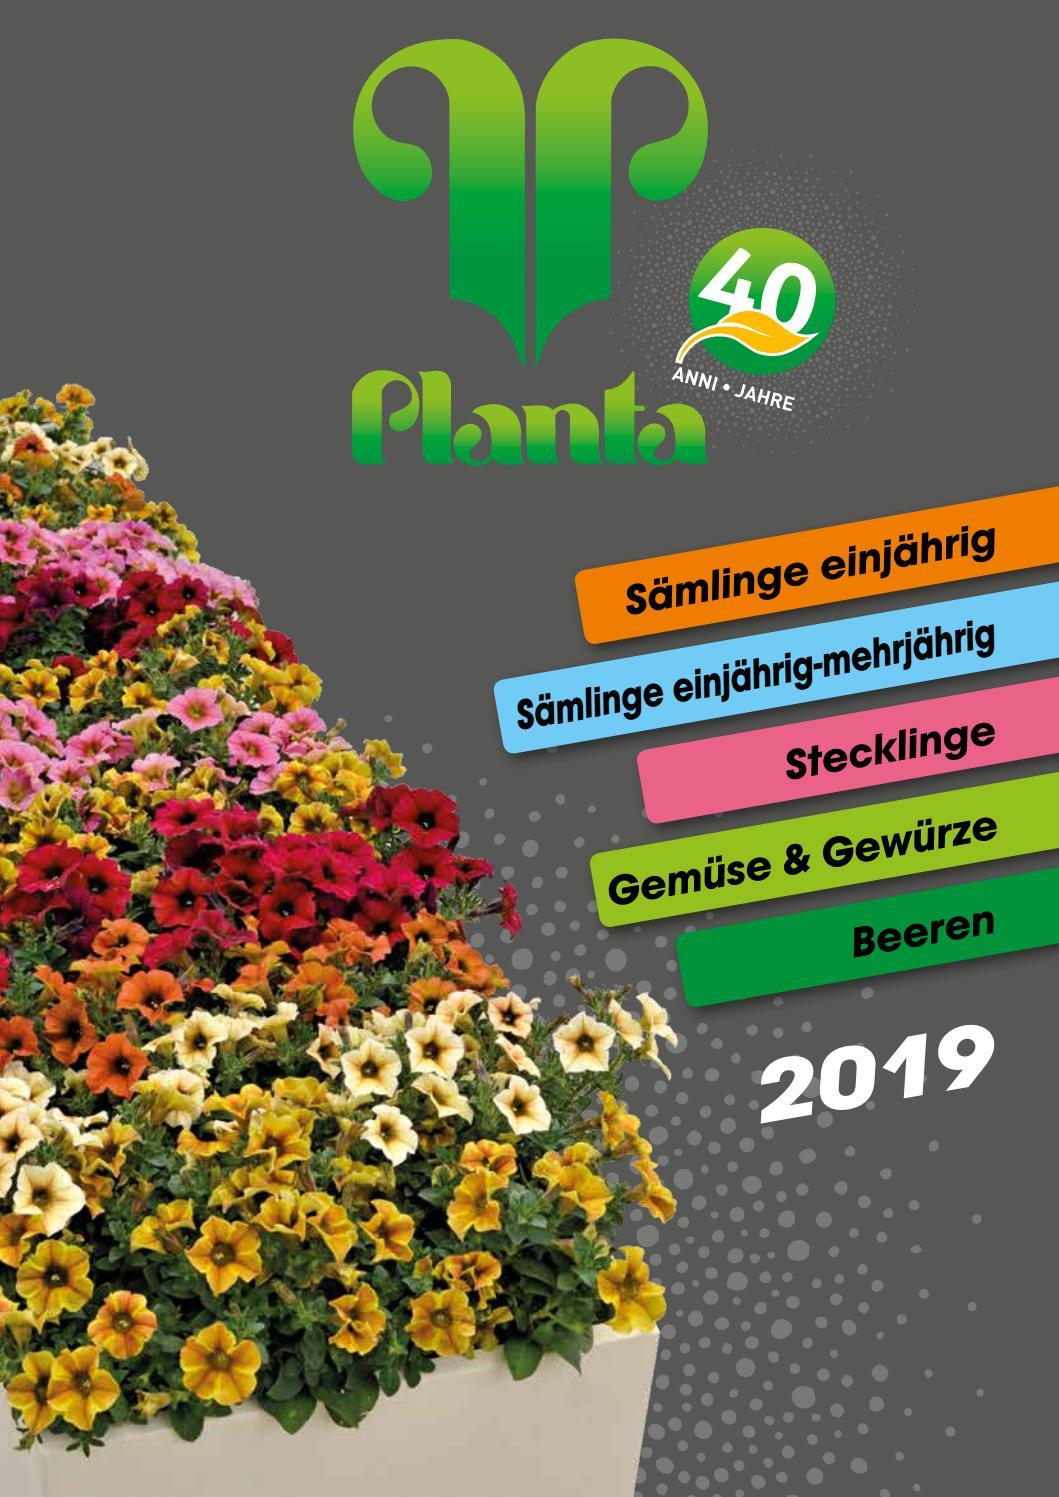 Langlebig Annual Blumensamen 50 Magellen Mix Zwerg Zinnie